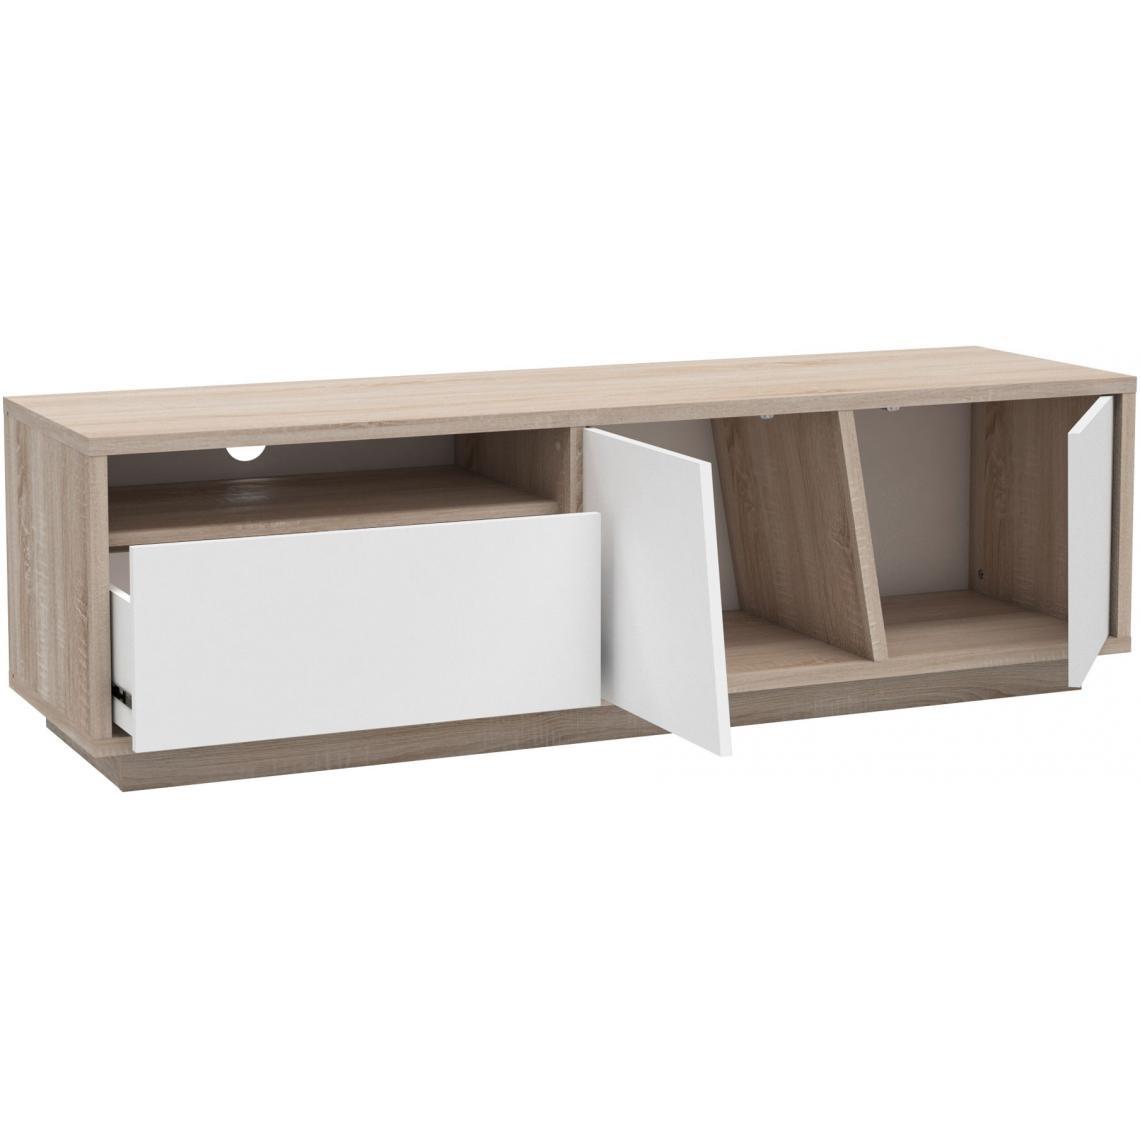 Meuble Tv Grande Taille meuble tv beige et blanc avec 1 niche 1 tiroir et 2 portes jones plus de  détails